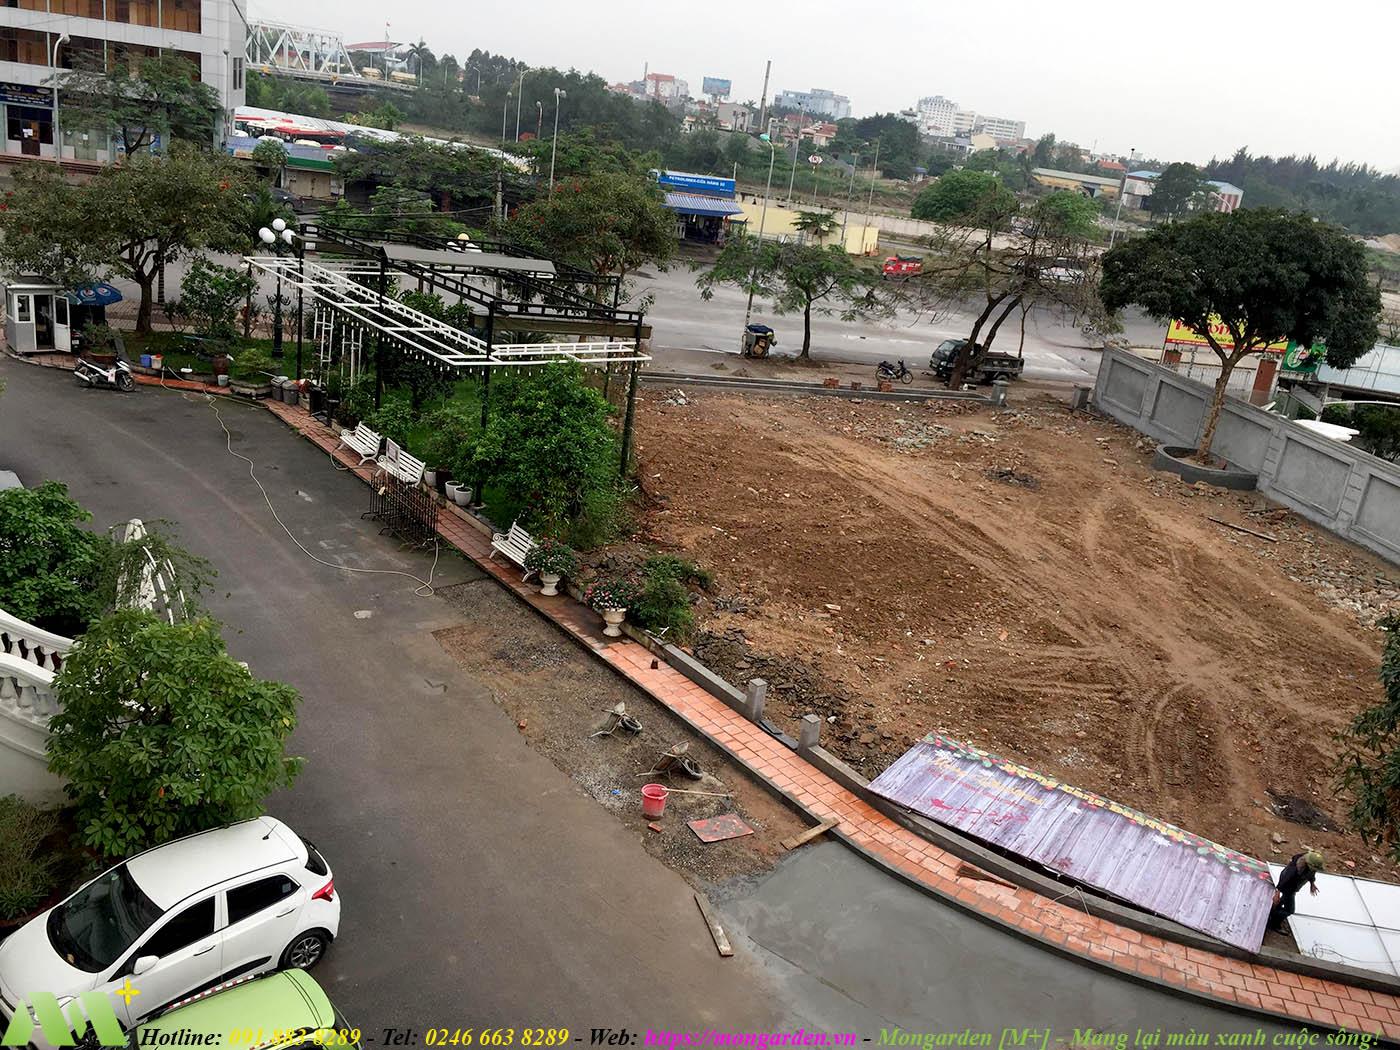 Hiện trạng cảnh quan nhà hàng Hương Cảng BANQUYET